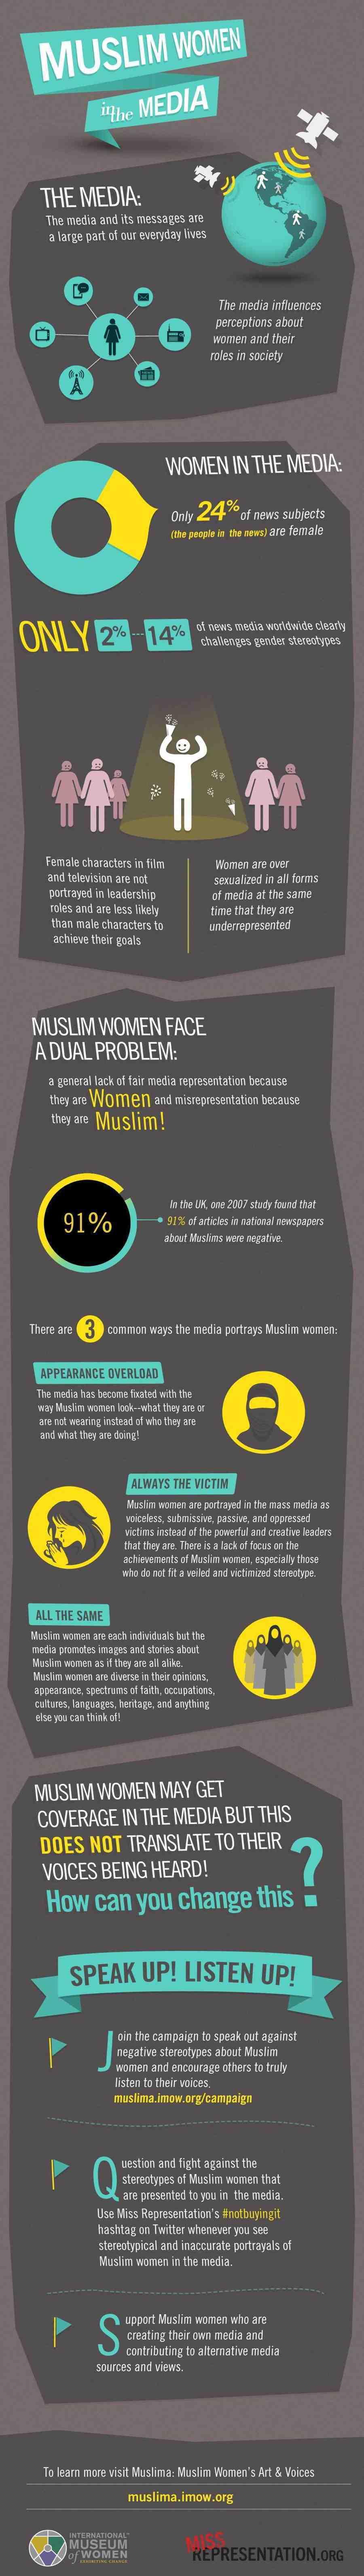 Muslim Women In Media